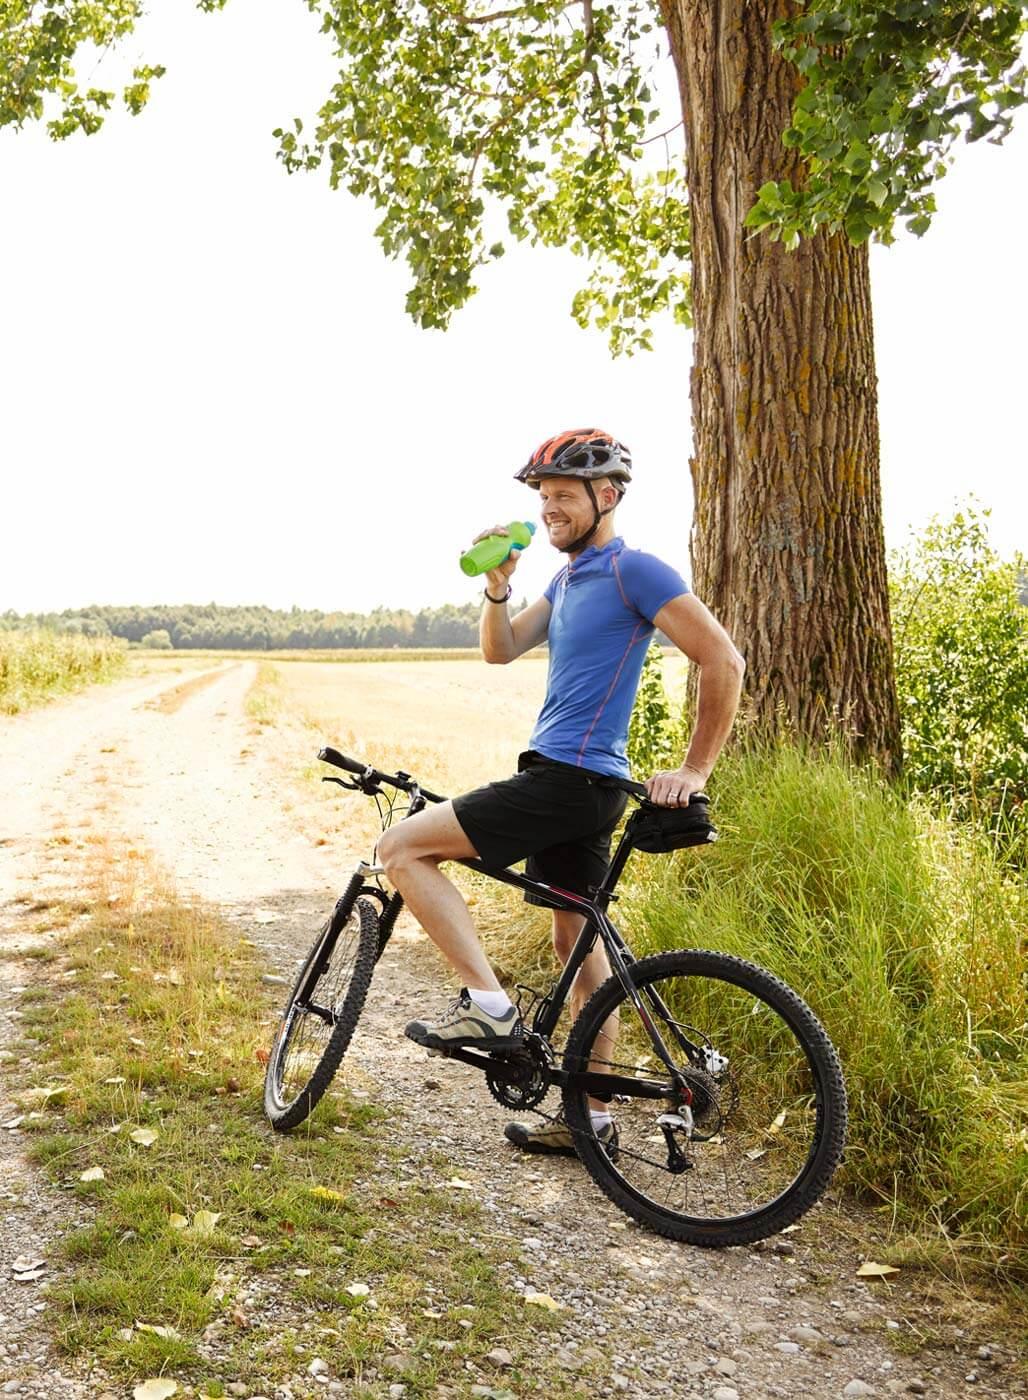 Mann auf einem Mountainbike.